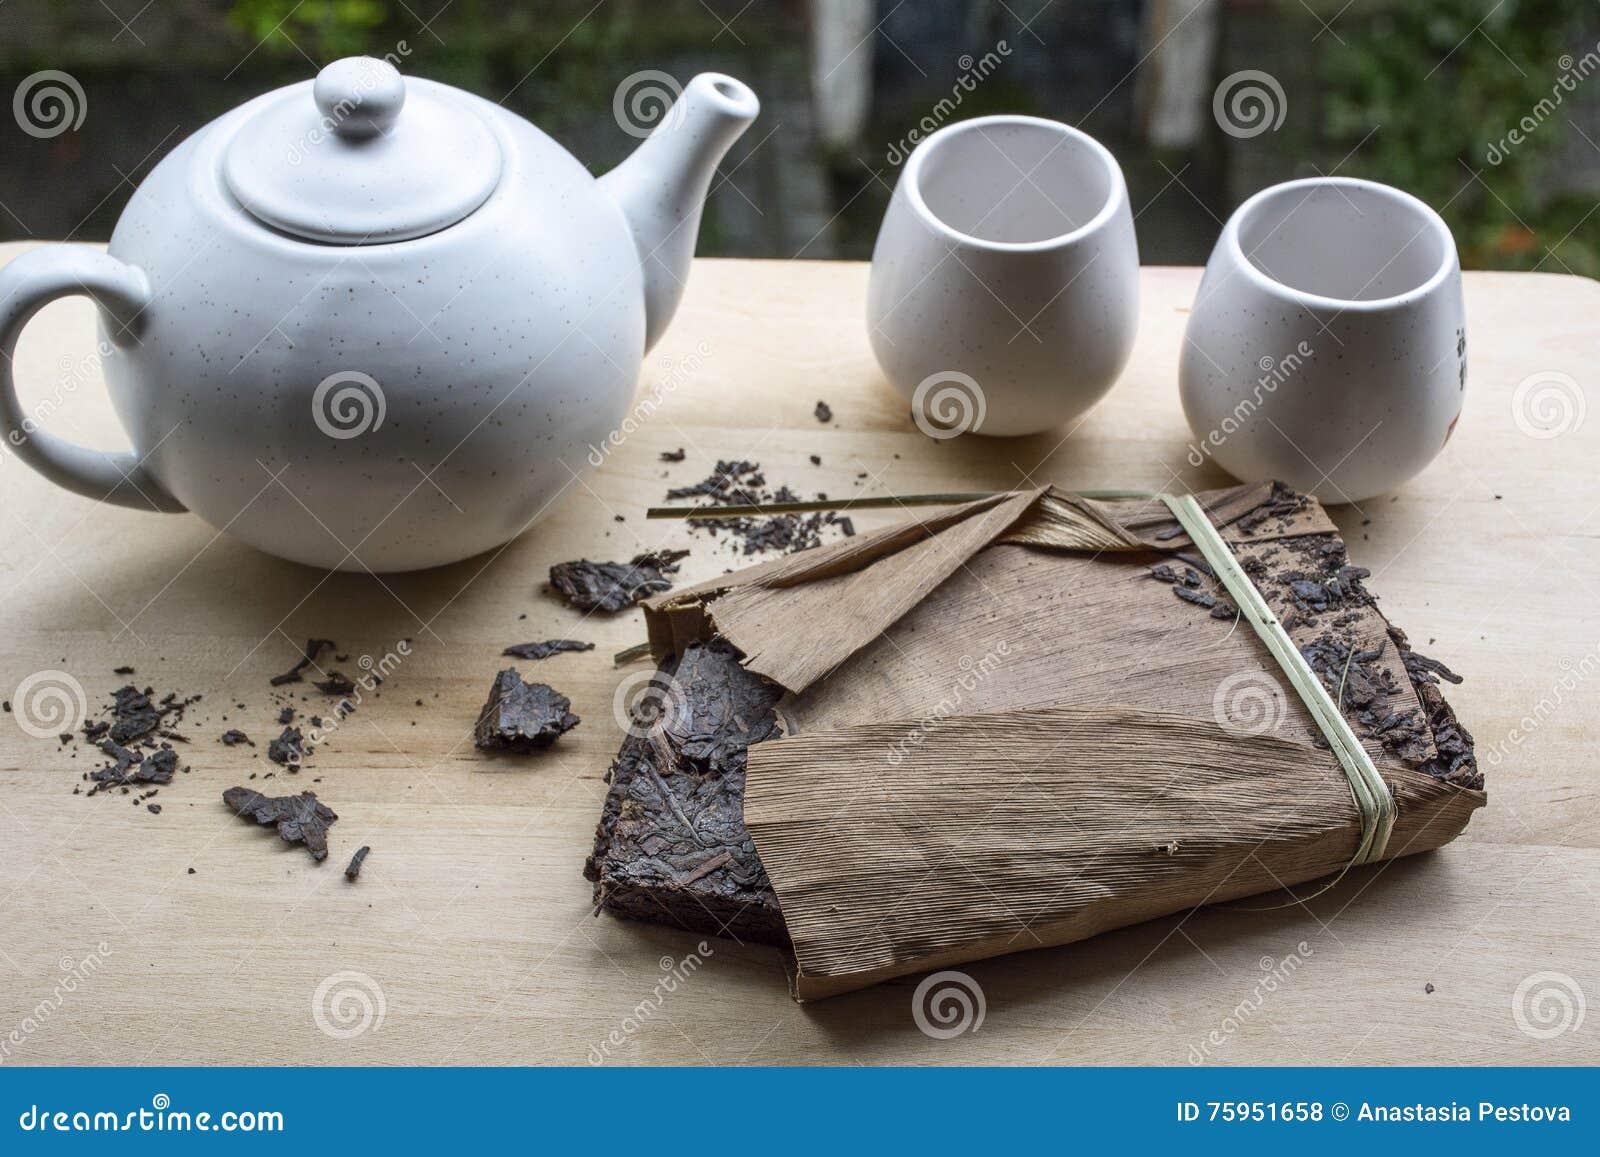 Um bloco do chá chinês preto com teakettle branco e dois copos